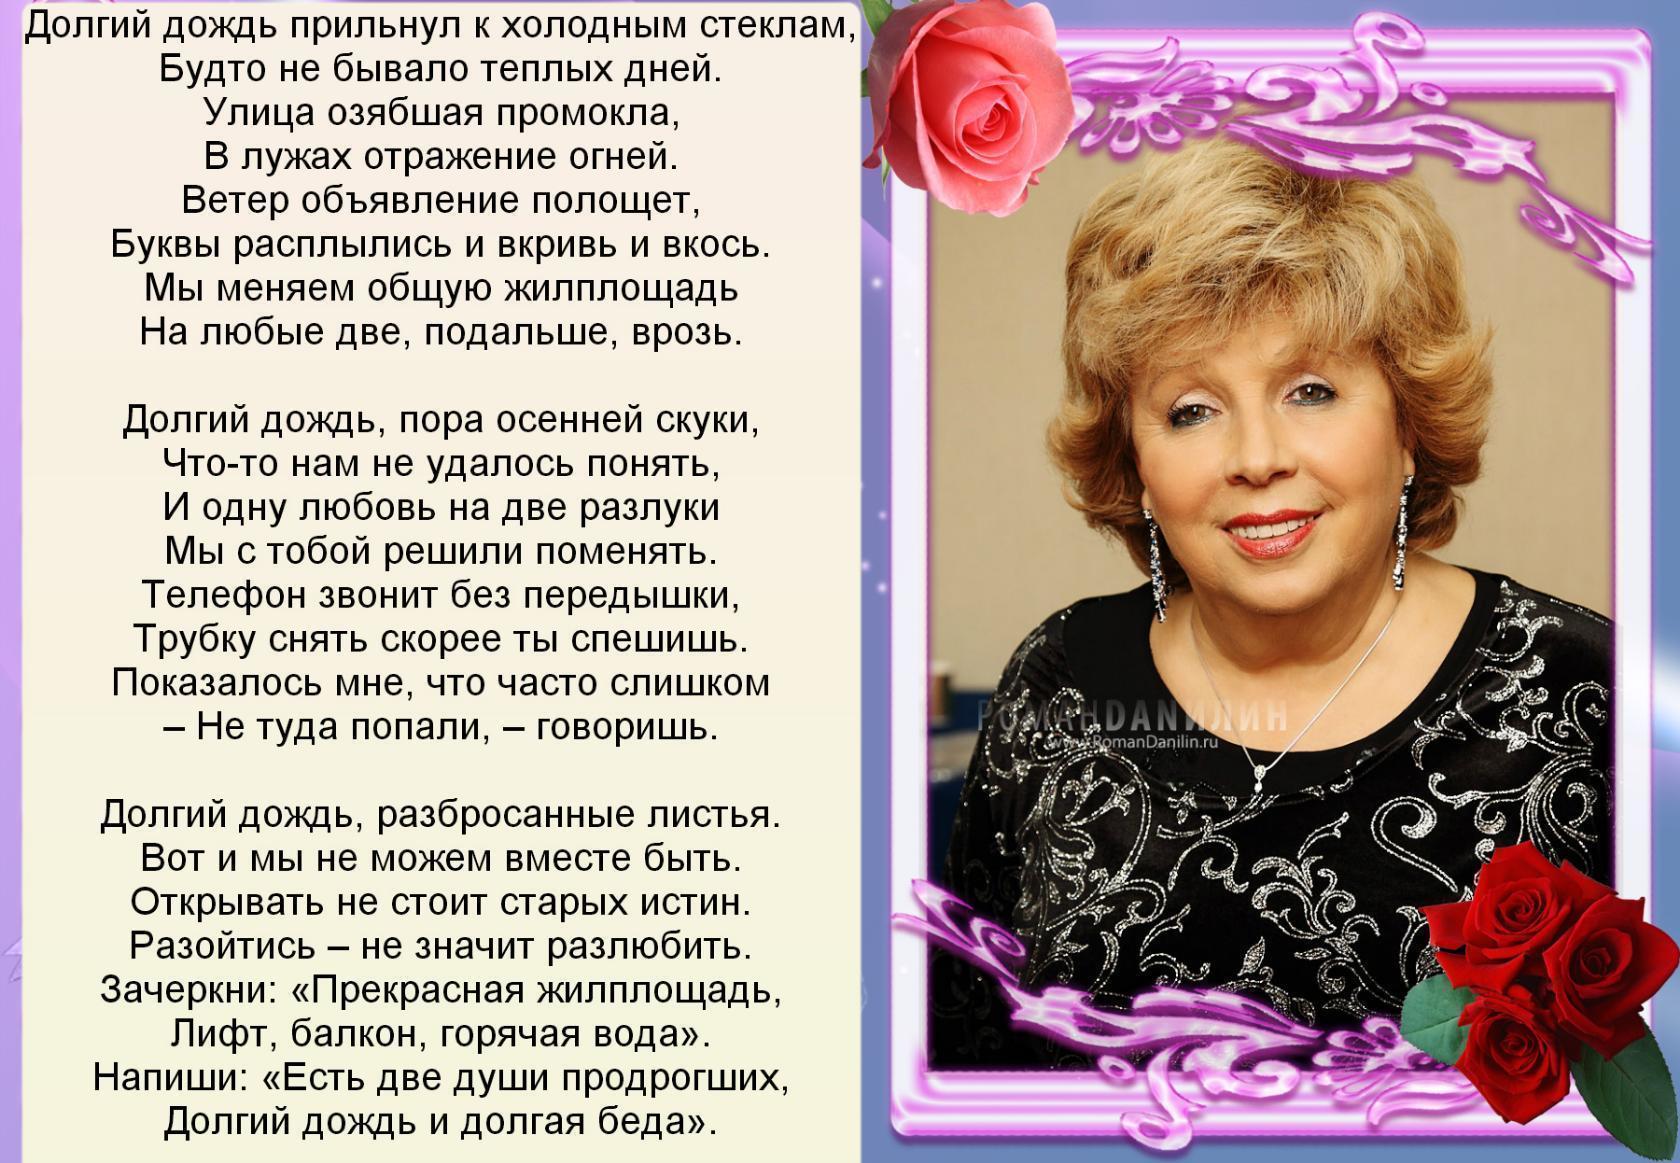 Поздравления с Днем матери от взрослой дочери - Поздравок